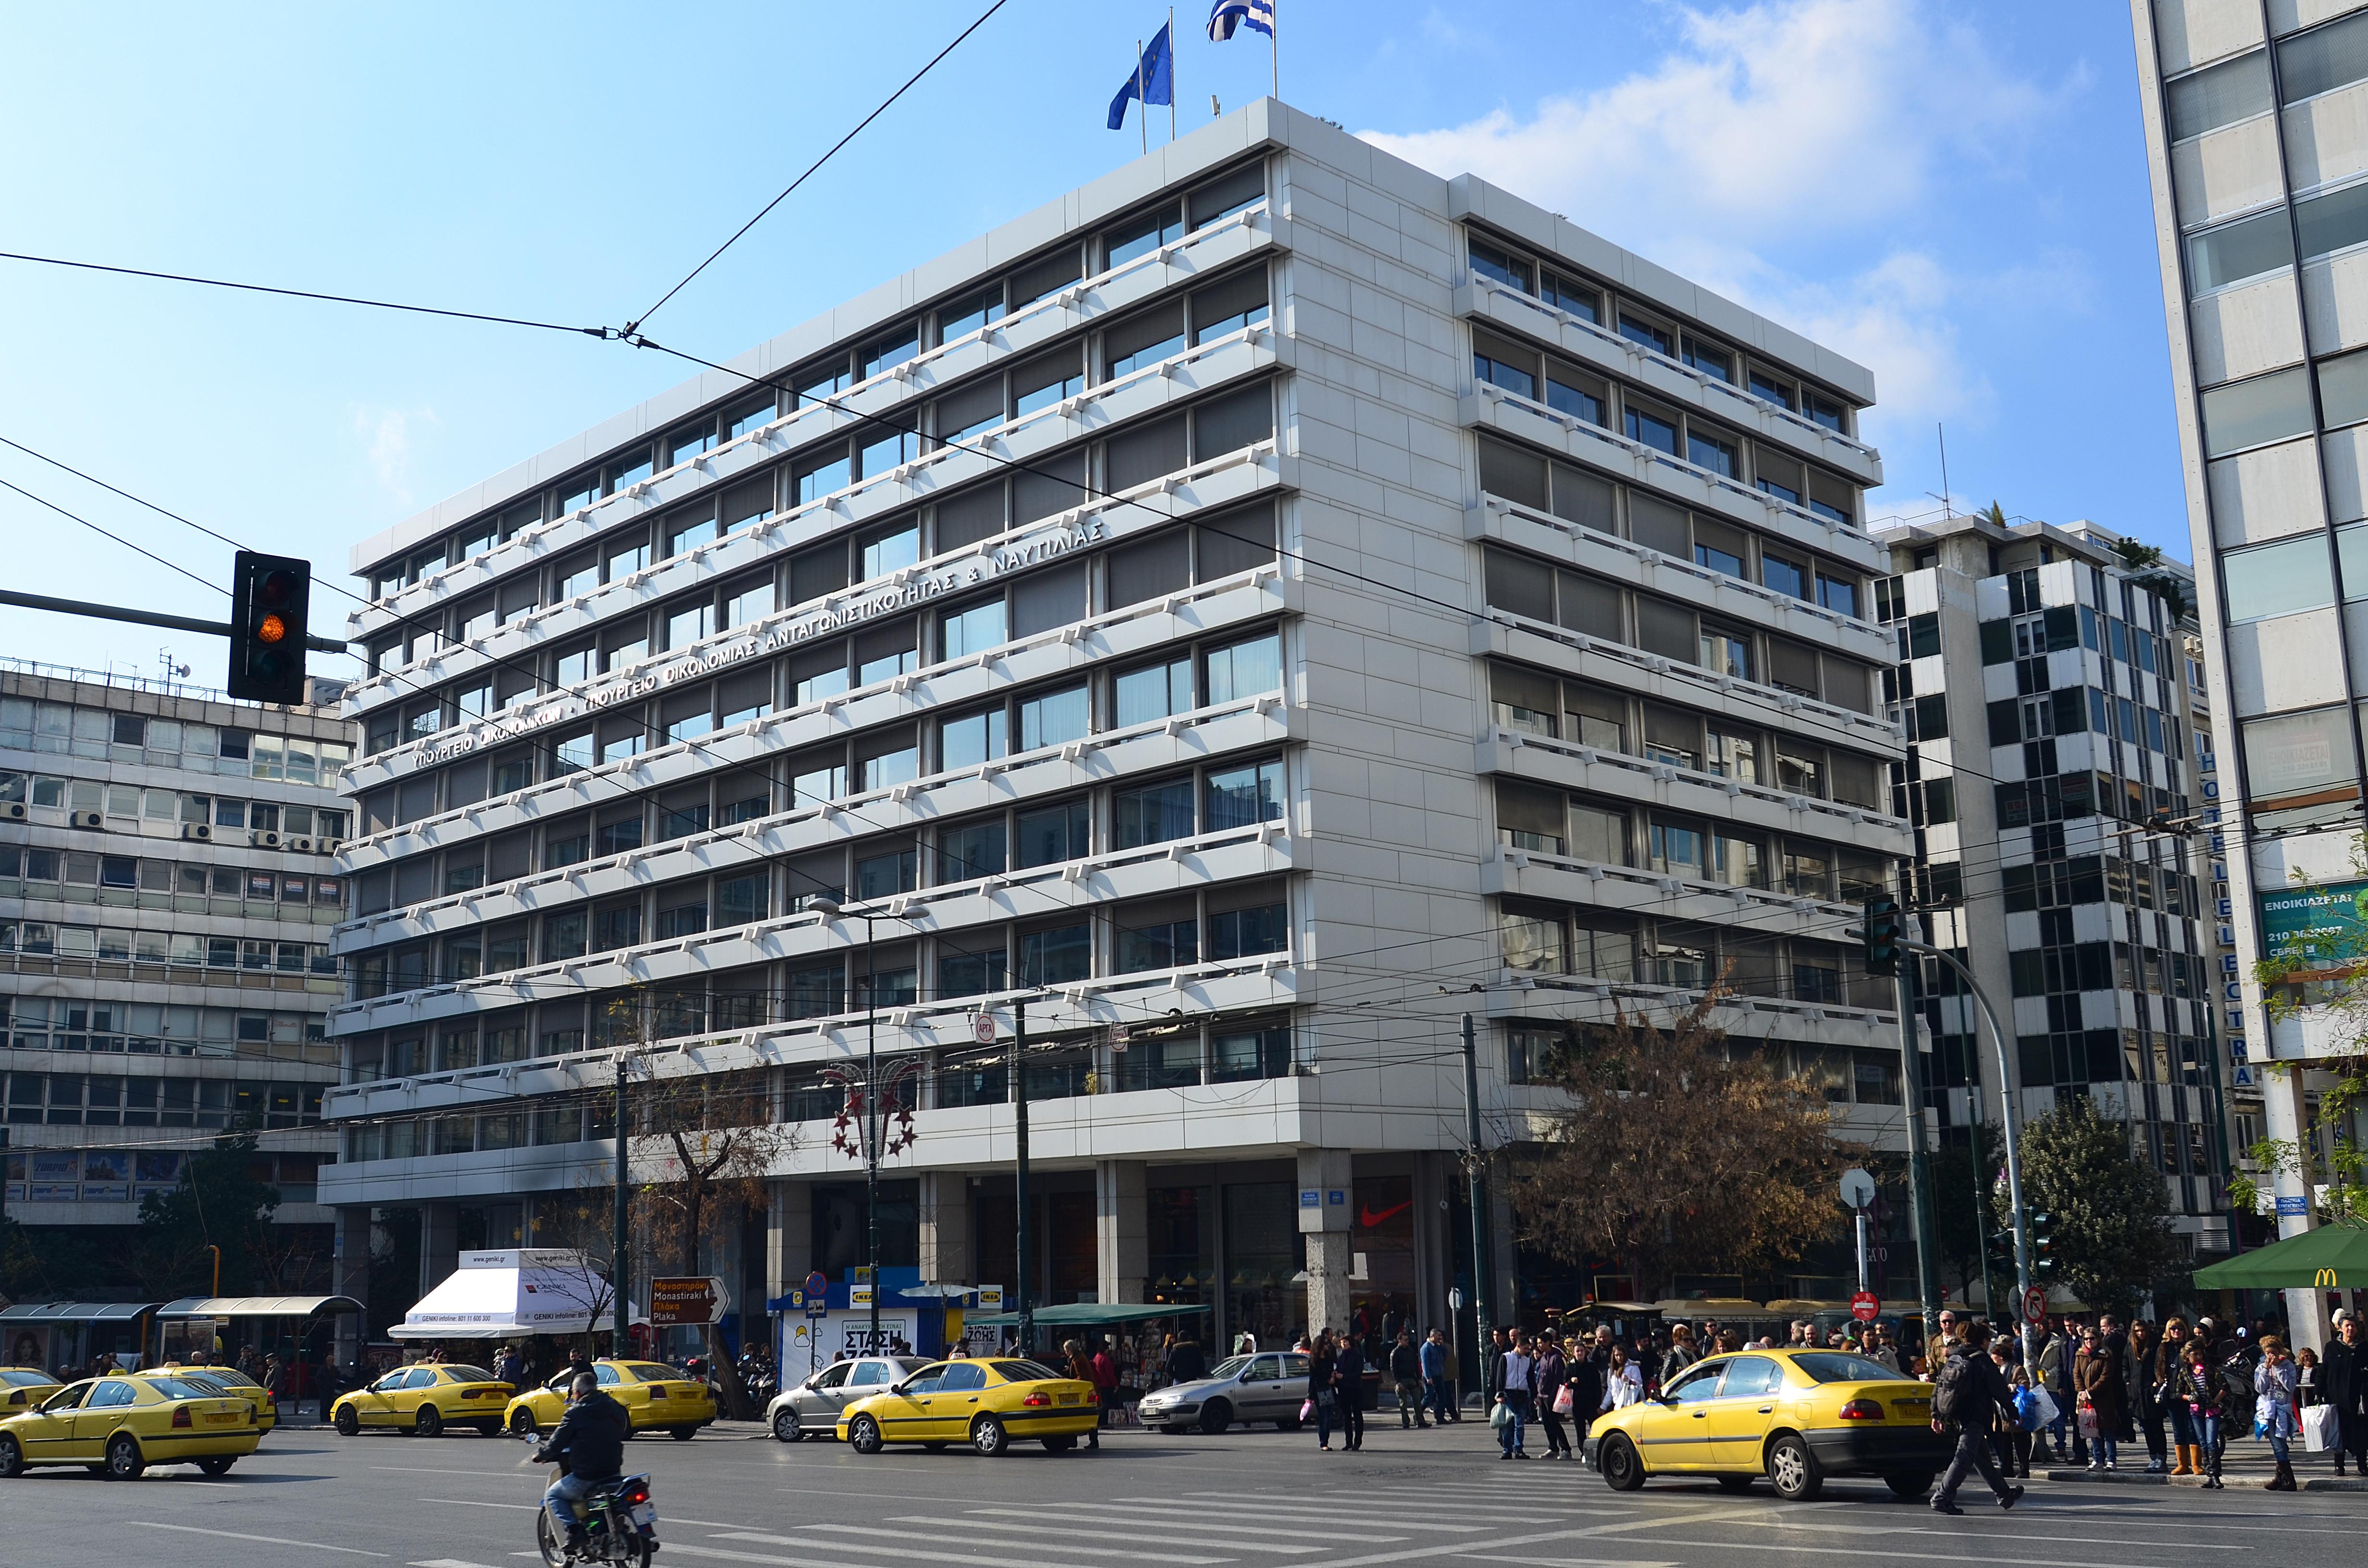 Η απόφαση για κατ΄οίκον έρευνες της εφορίας στην Ολομέλεια Αρείου Πάγου   tovima.gr